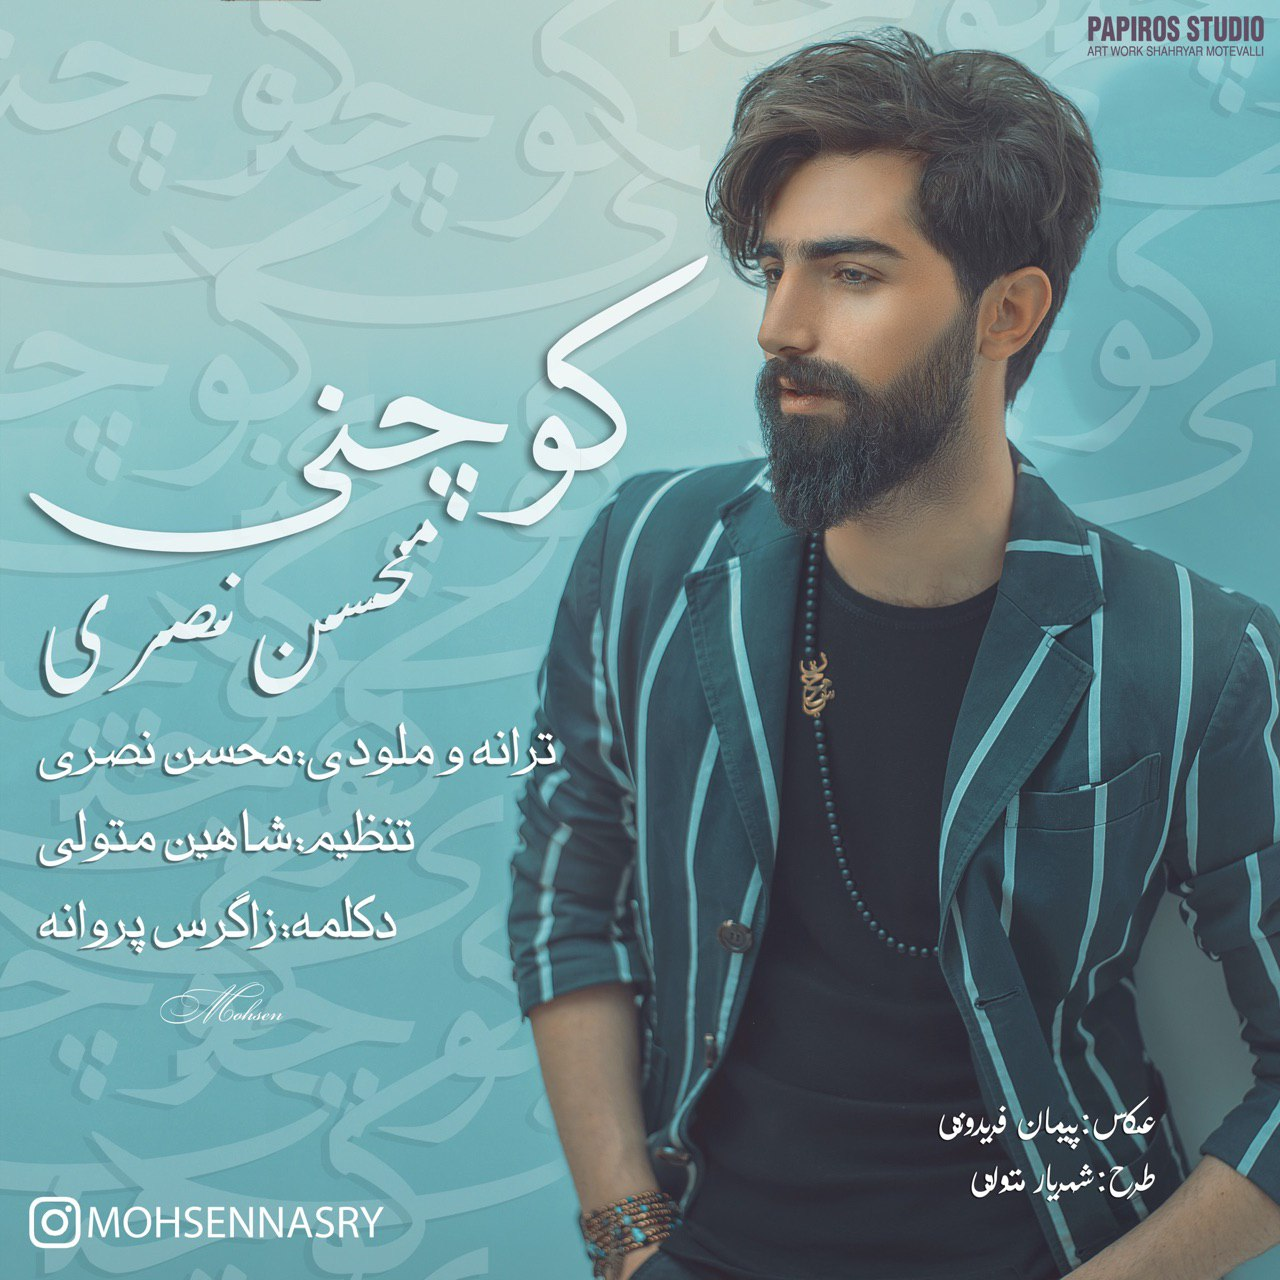 دانلود آهنگ لری کوچنی از محسن نصری